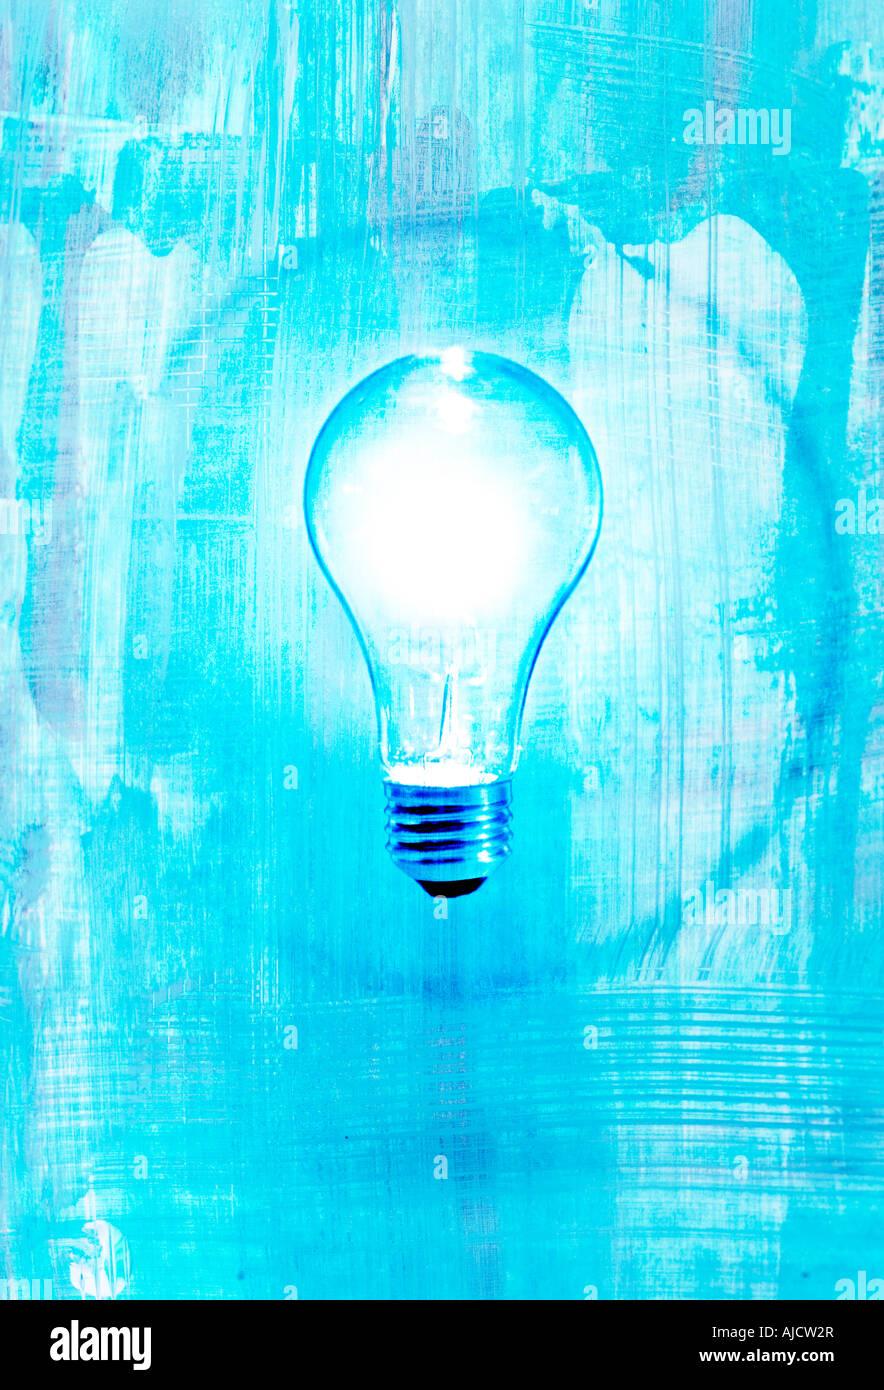 L'ampoule lumineuse avec fond bleu et circle montrant idée ou insight Photo Stock